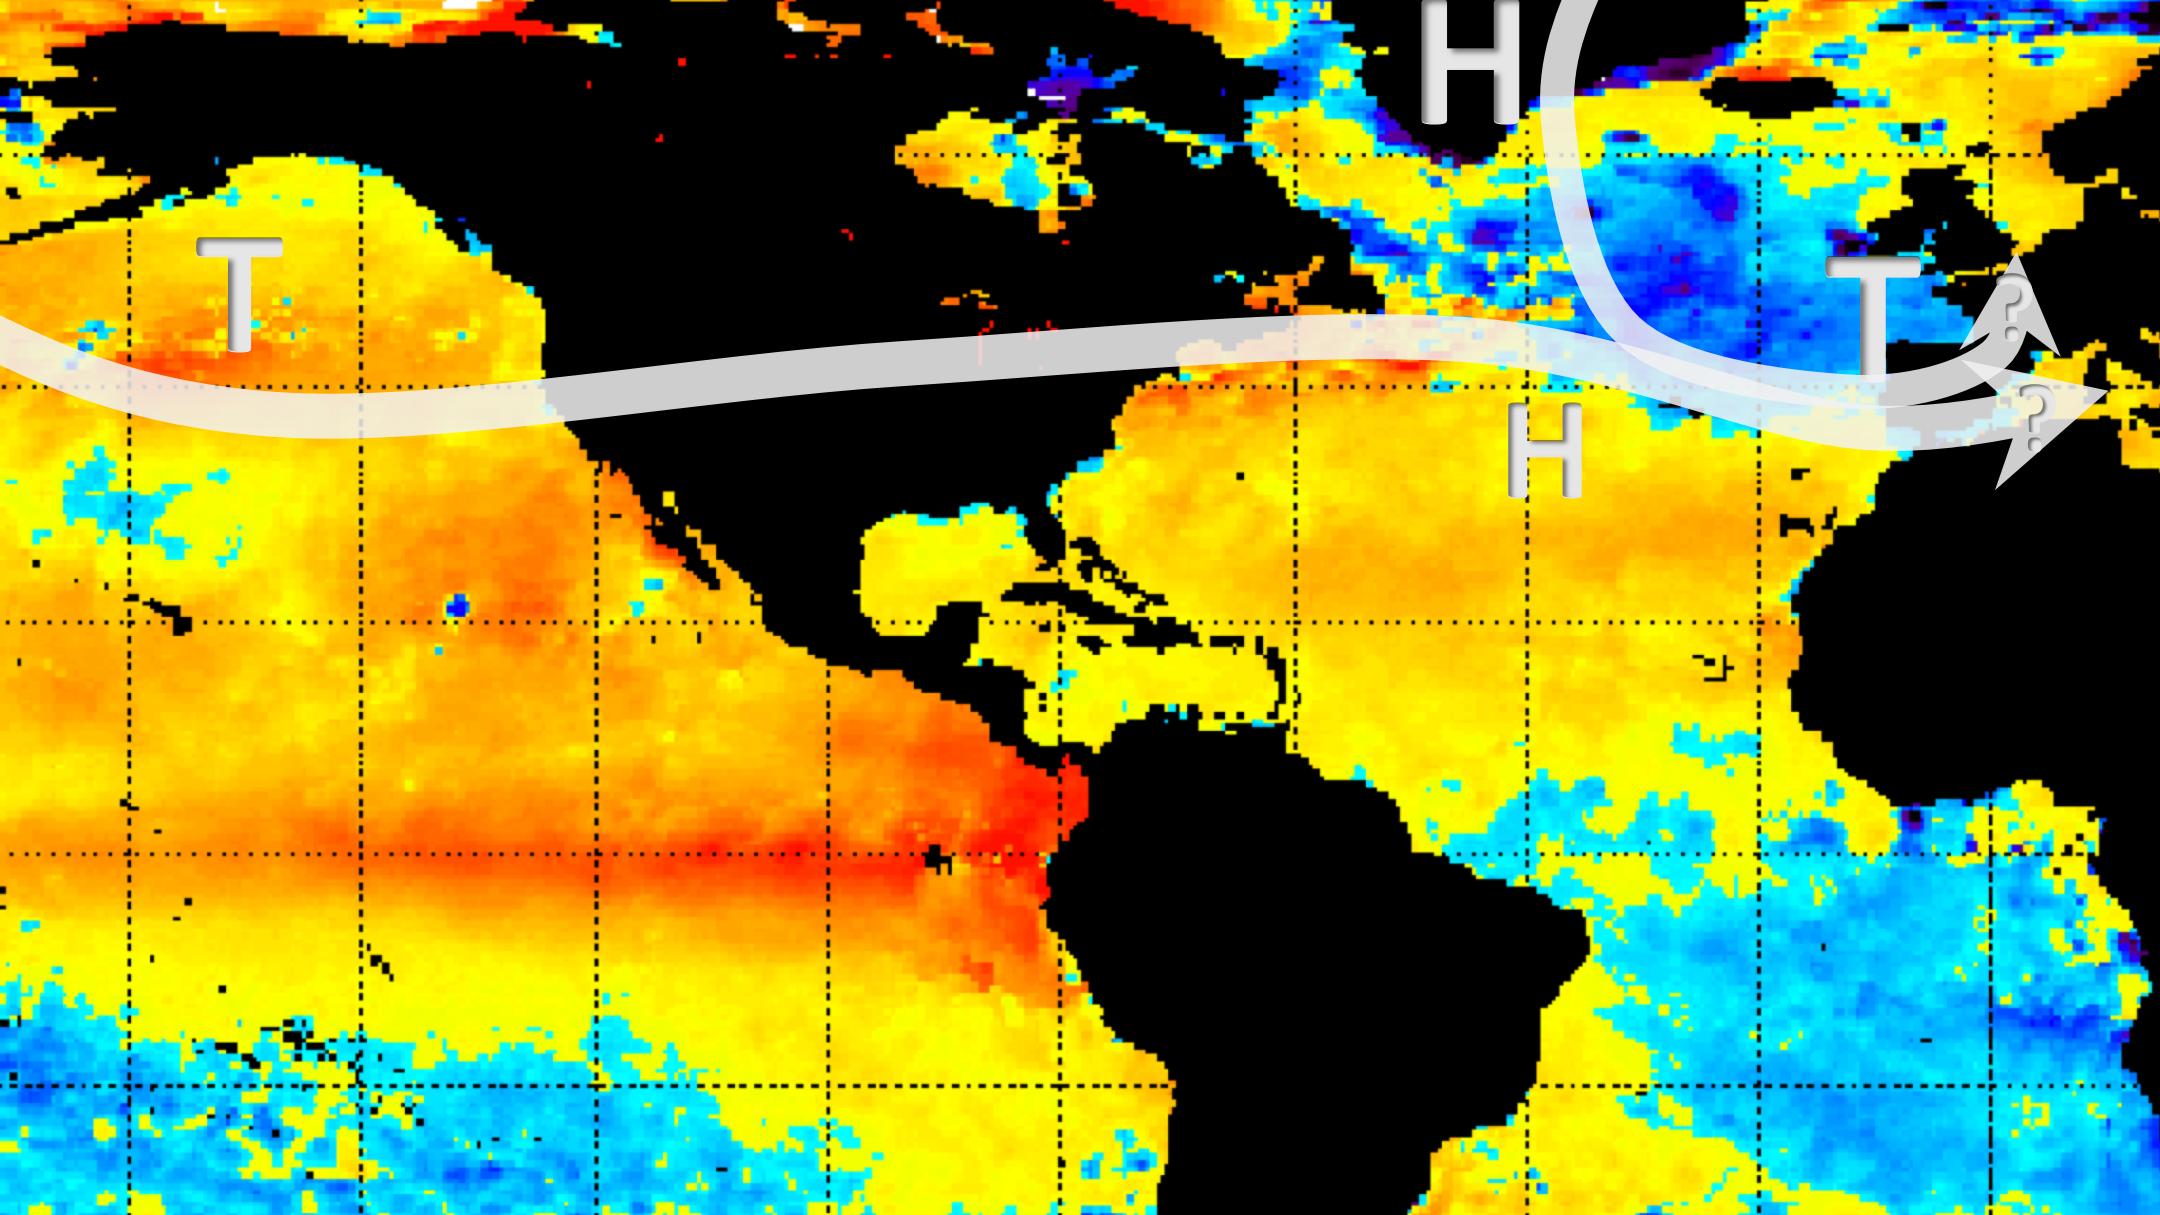 Ein Trog über dem östlichen Nordatlantik mit Tief über Spanien. Diese Wetterlage könnte im kommenden Winter häufig vorkommen.